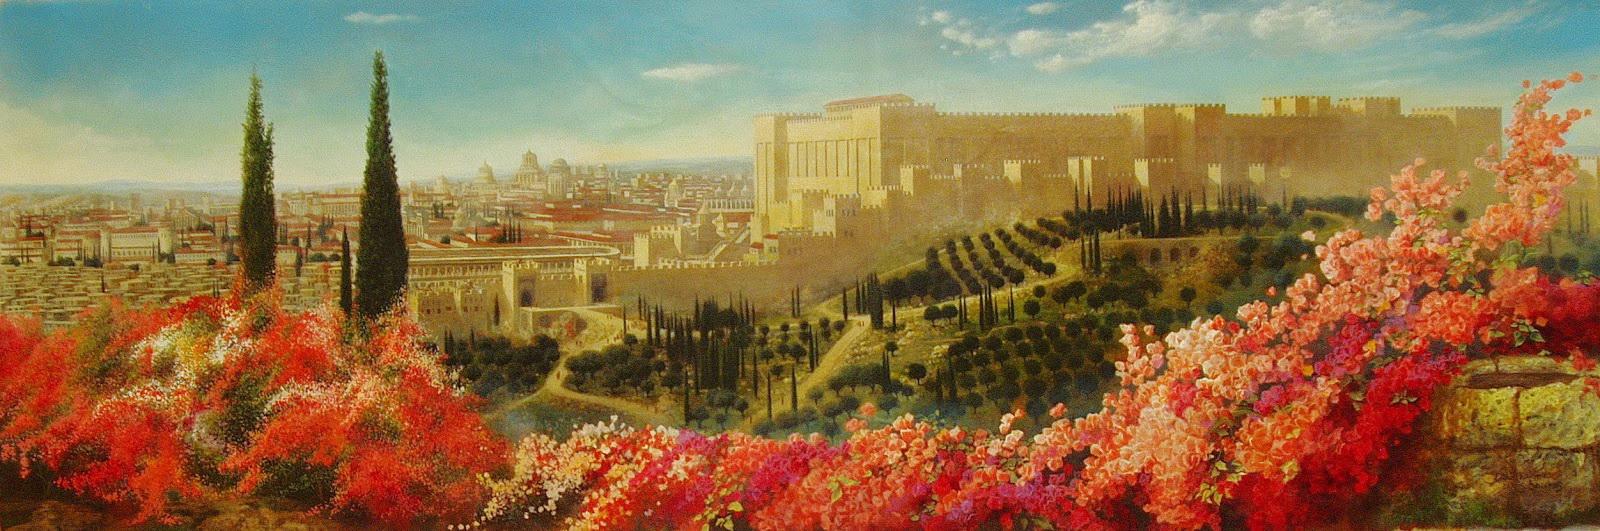 Тысячелетнее Мессианское Царство